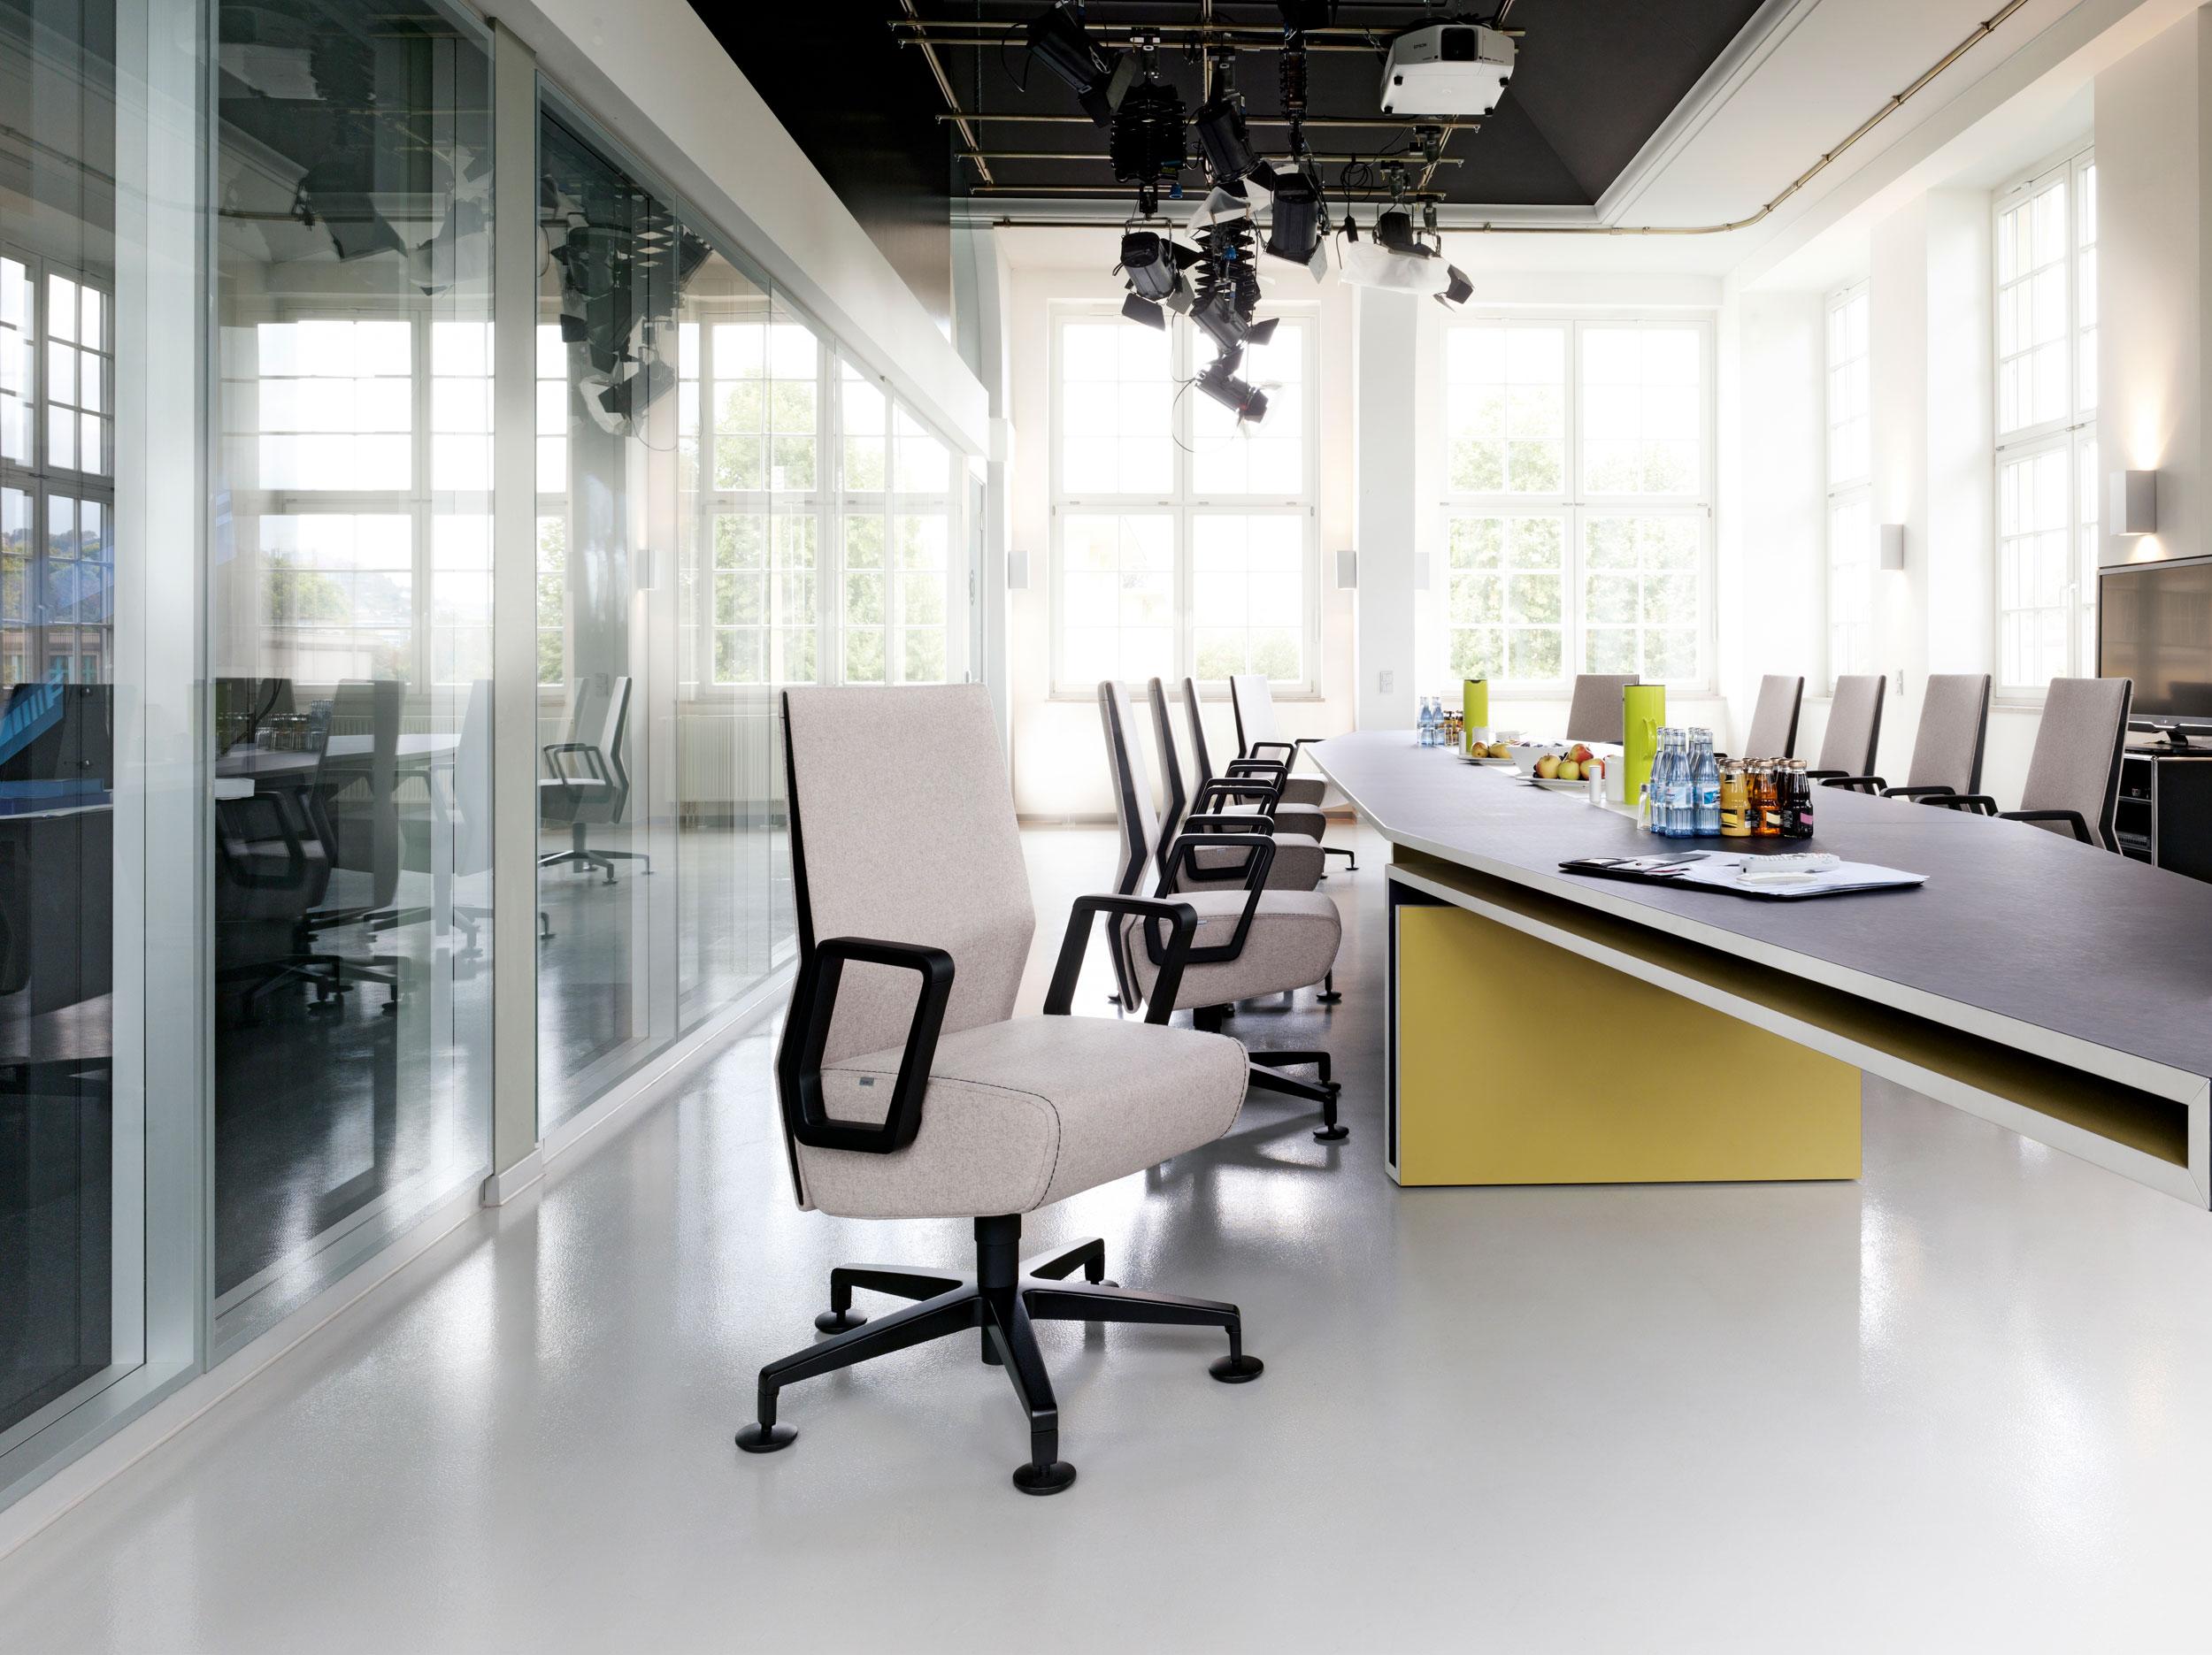 Interstuhl Volume 8 Chair: Featured